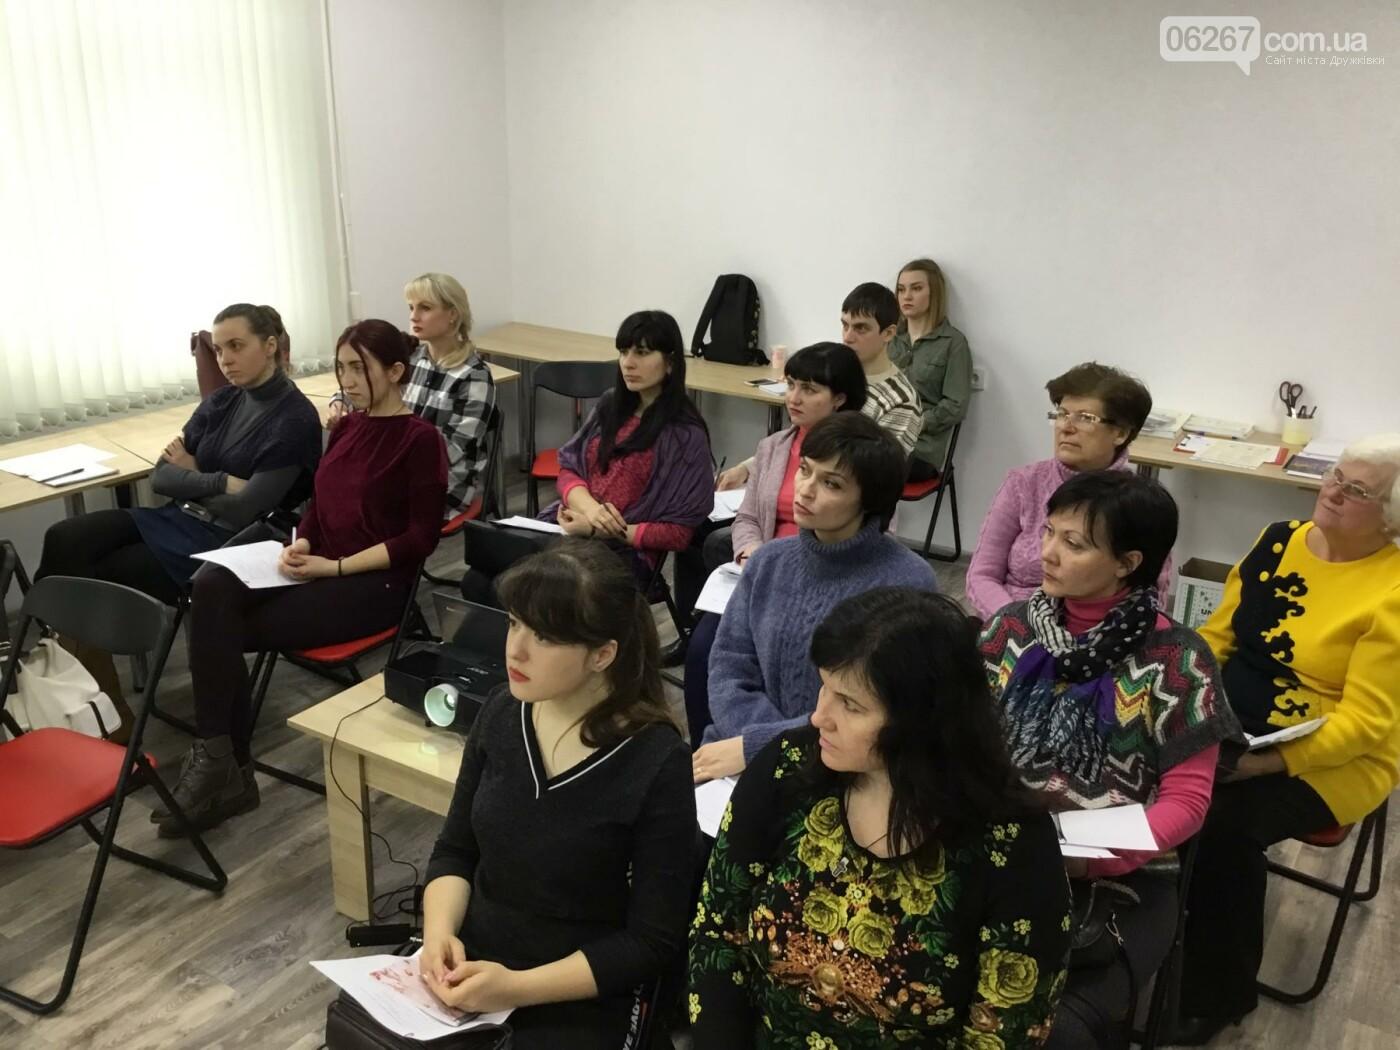 В Дружковке сегодня учили готовить проекты для Общественного бюджета (ФОТО, ВИДЕО), фото-6